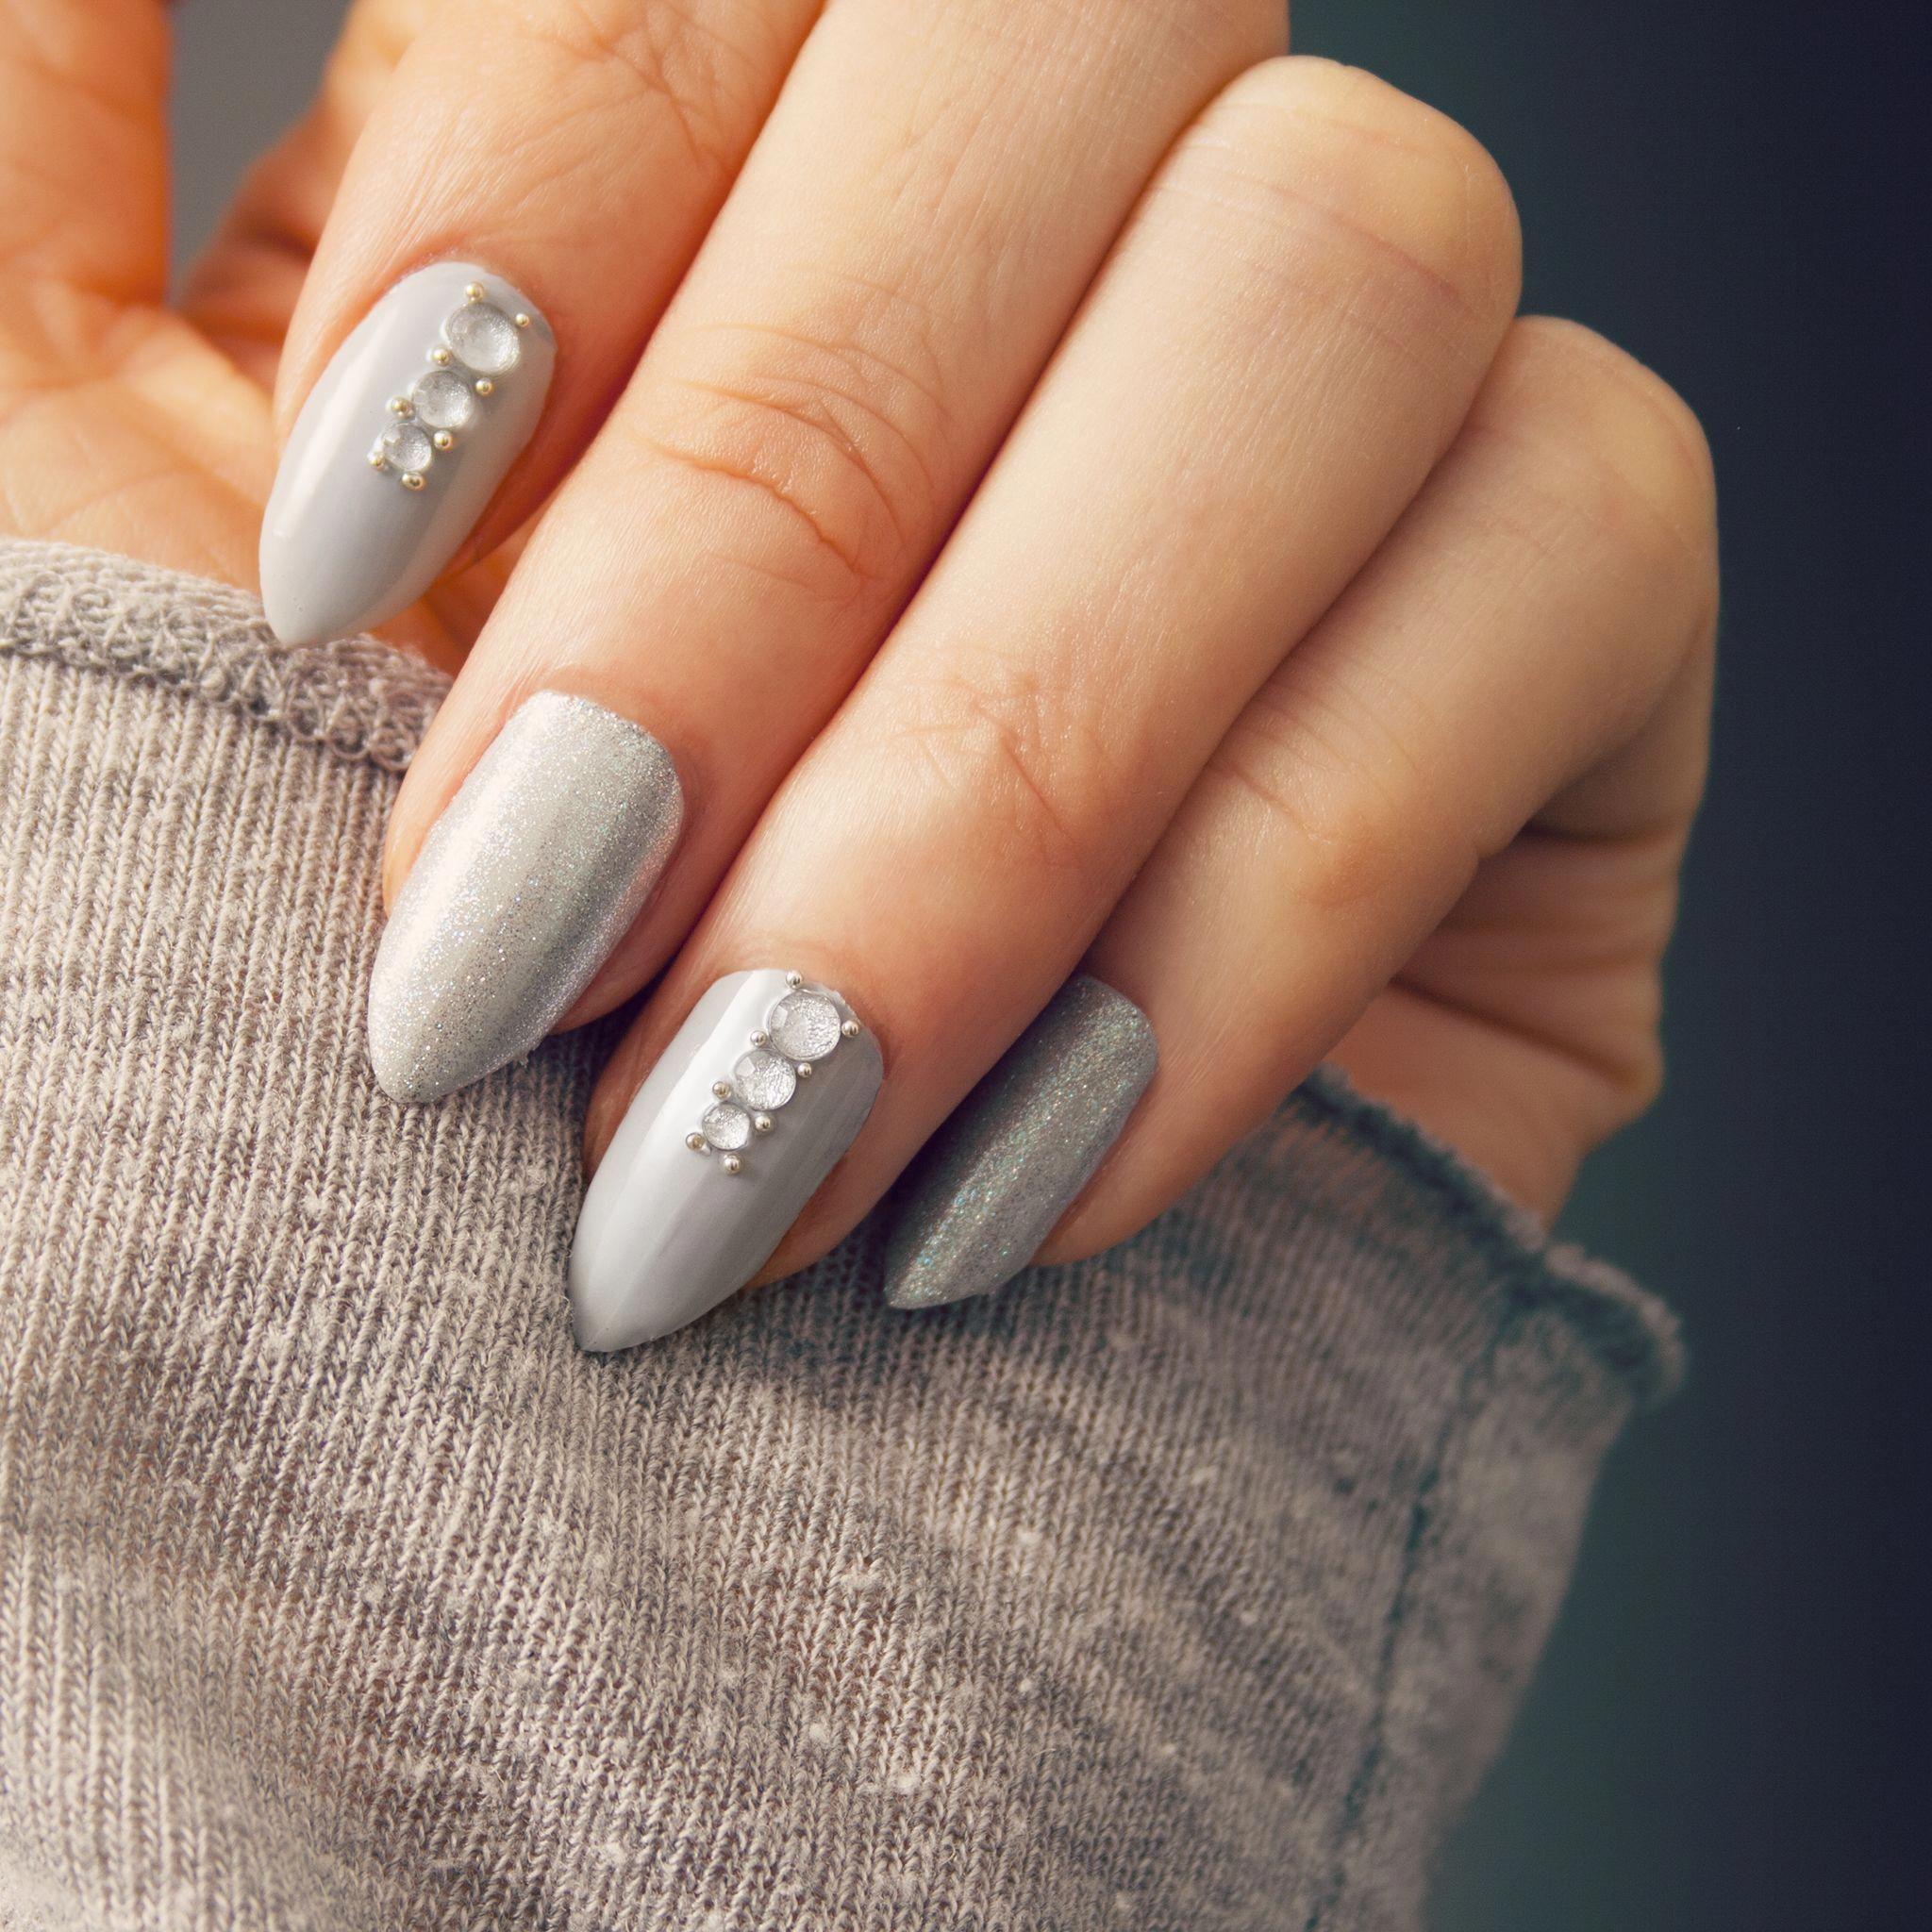 Grey crystal nails nail art tutorial a very easy nail